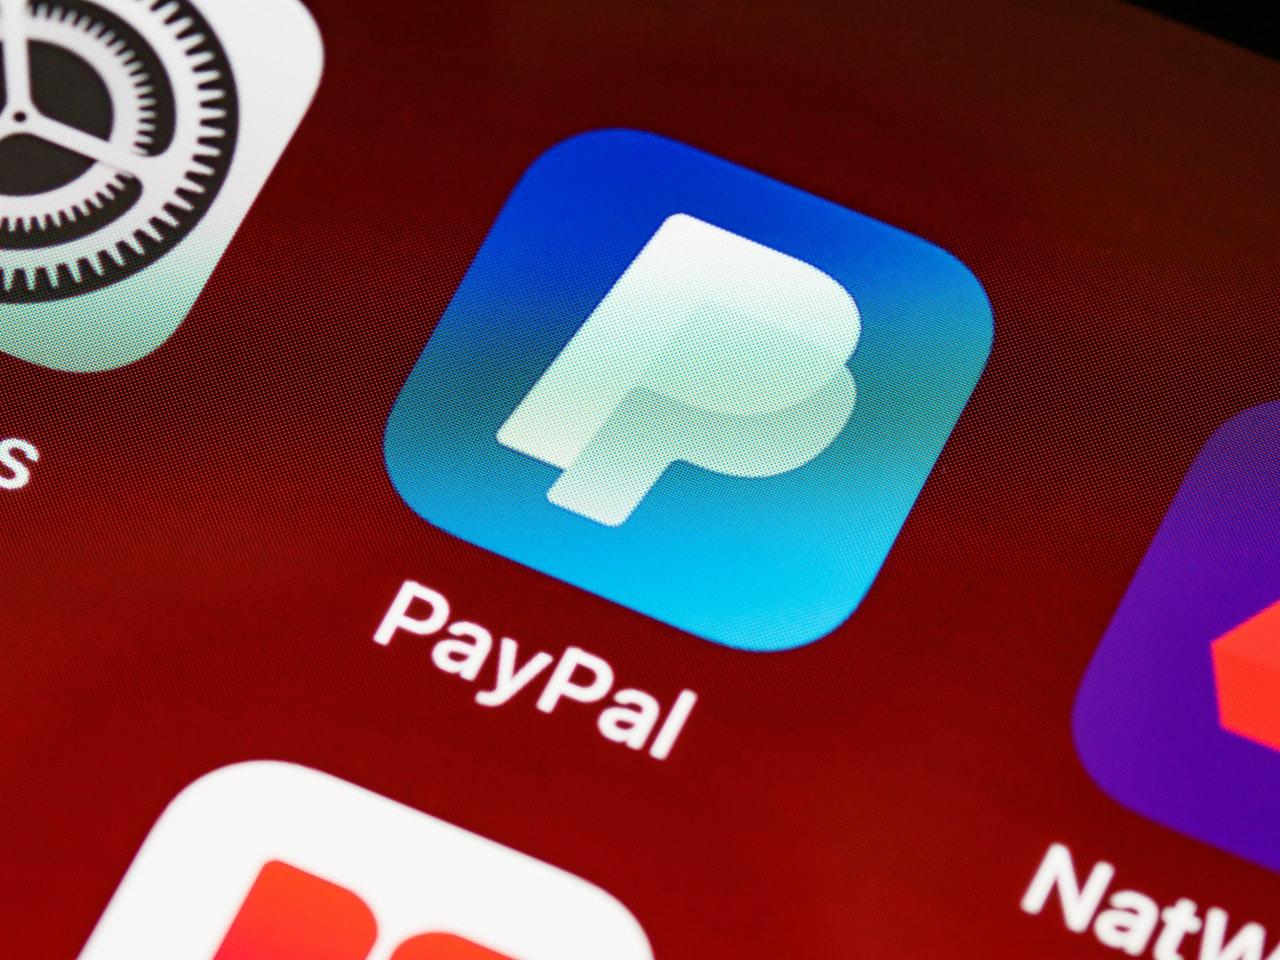 PayPal adquiere la plataforma de seguridad de activos digitales Curv para reforzar su departamento dedicado a blockchain y criptomonedas